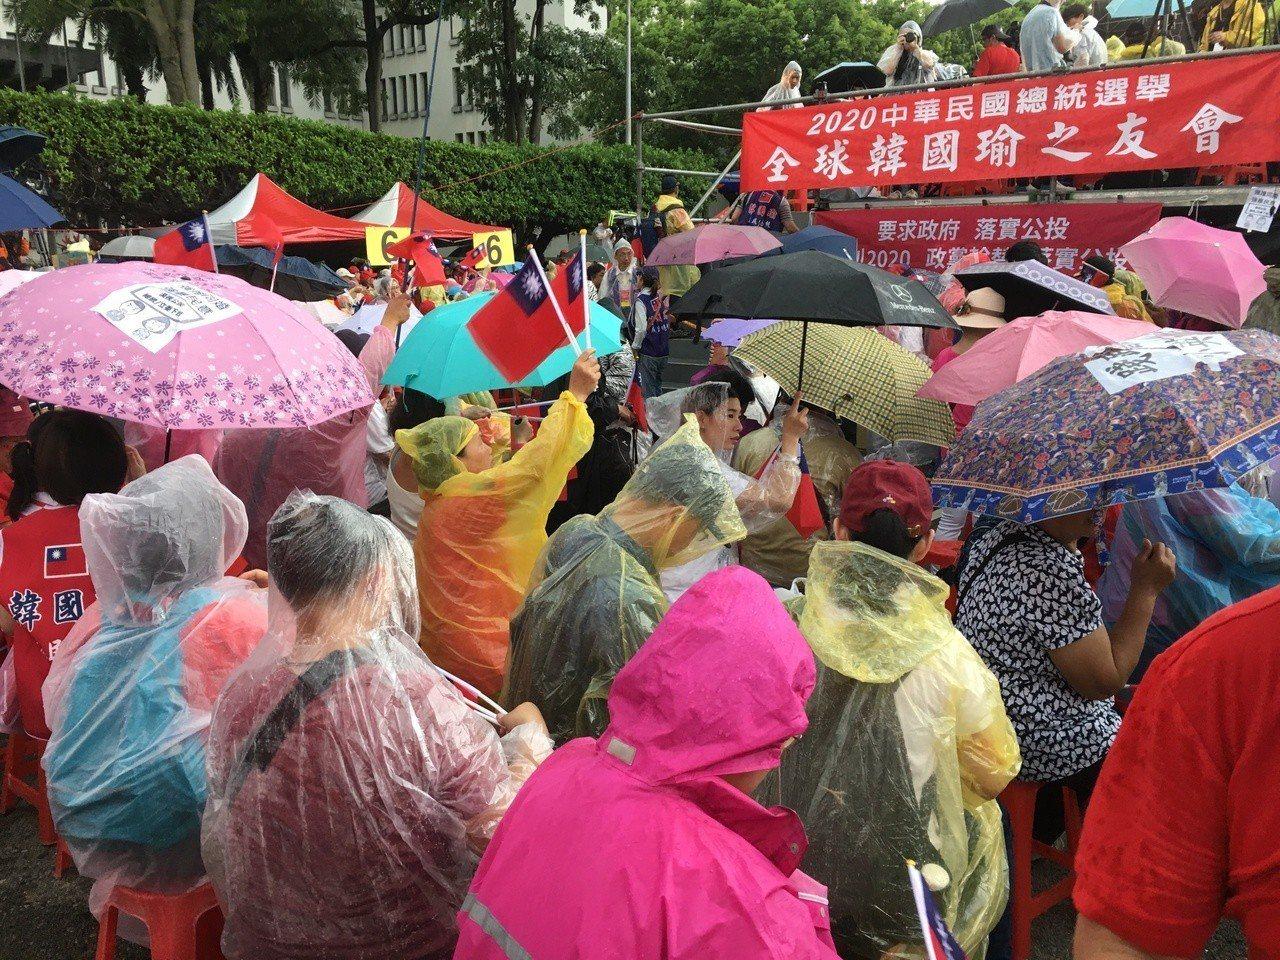 造勢活動在大雨中展開。記者魏莨伊 / 攝影